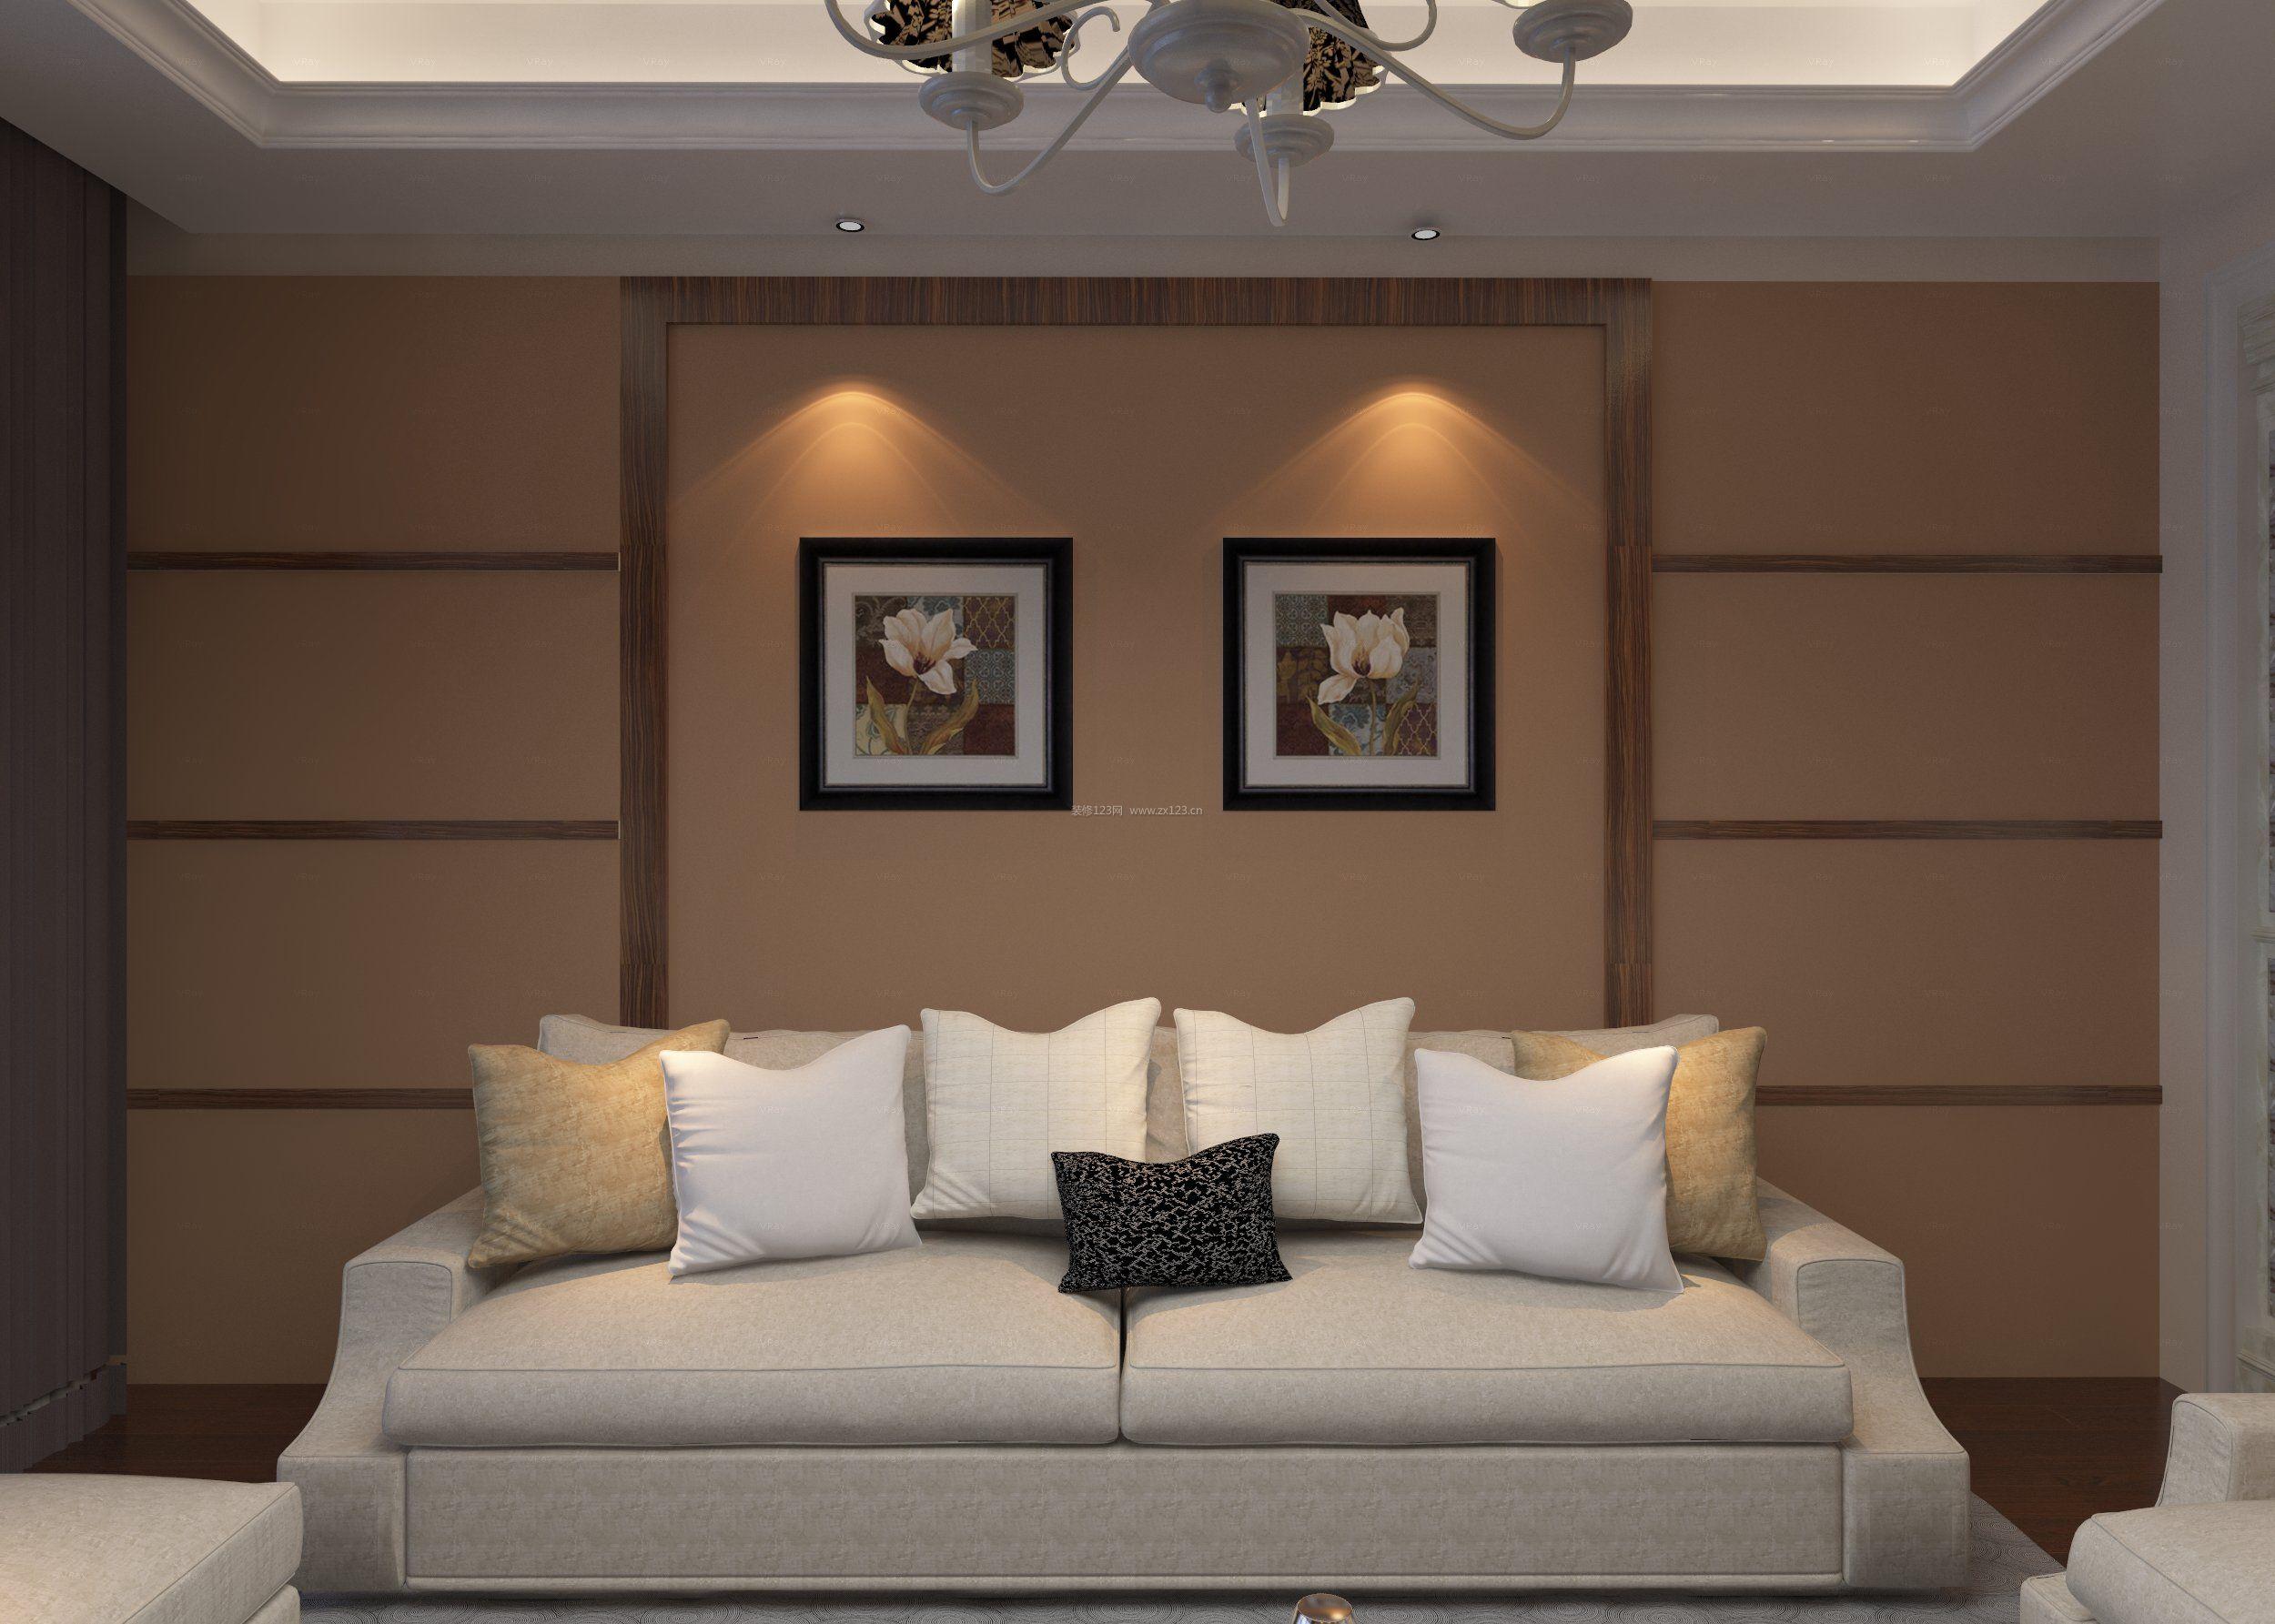 2017新房现代中式客厅背景墙装修效果图图片